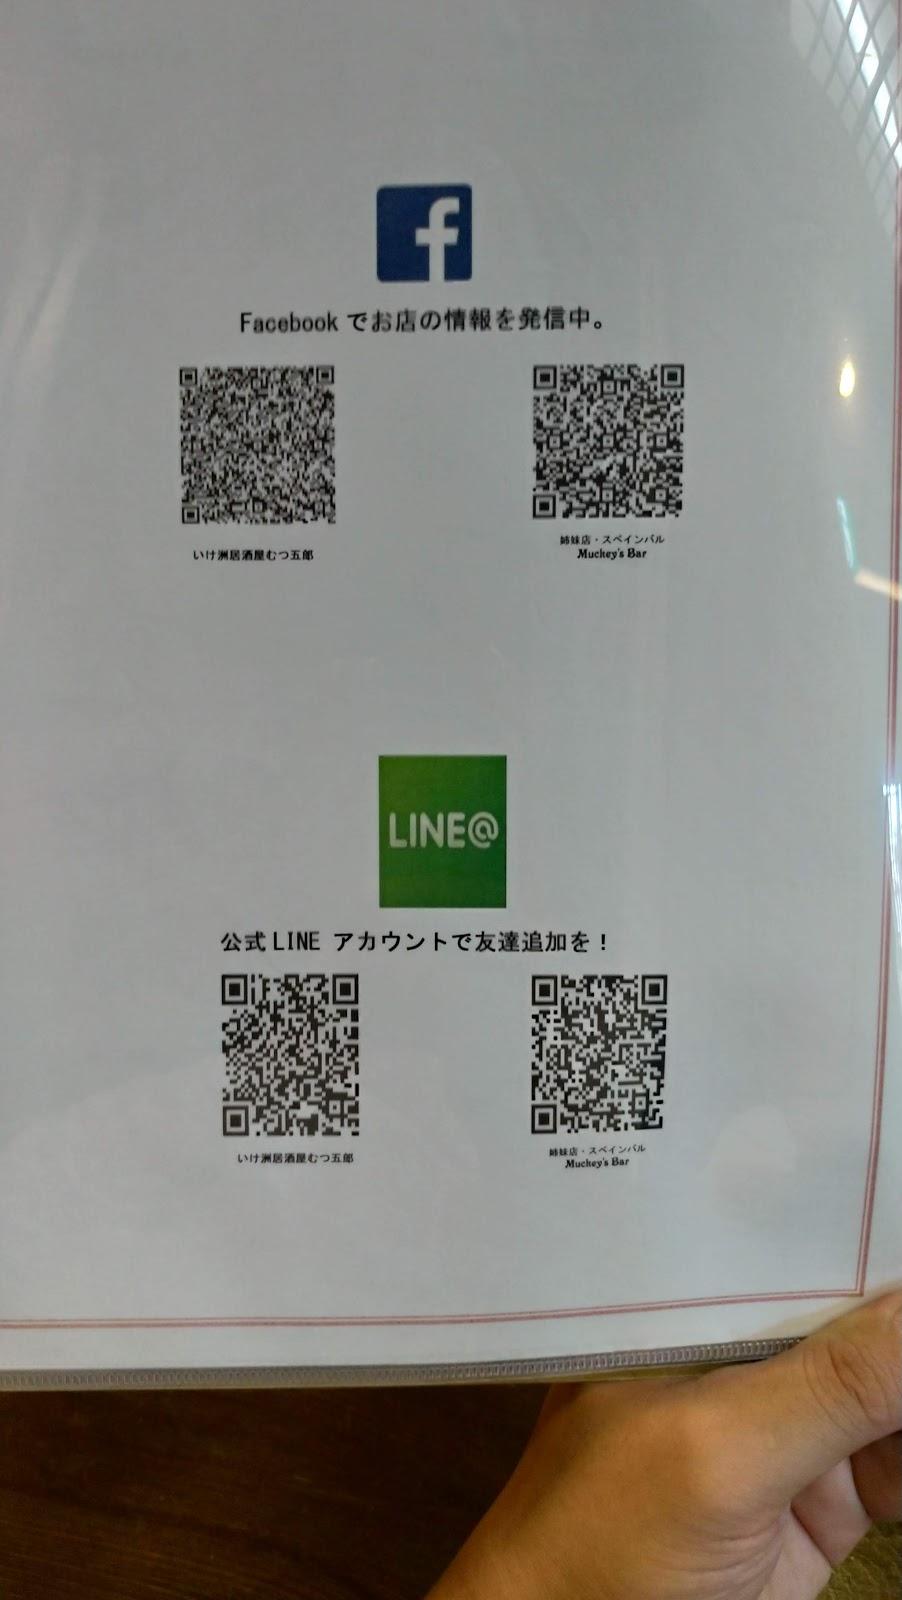 いけ洲居酒屋 むつ五郎 facebook LINE@